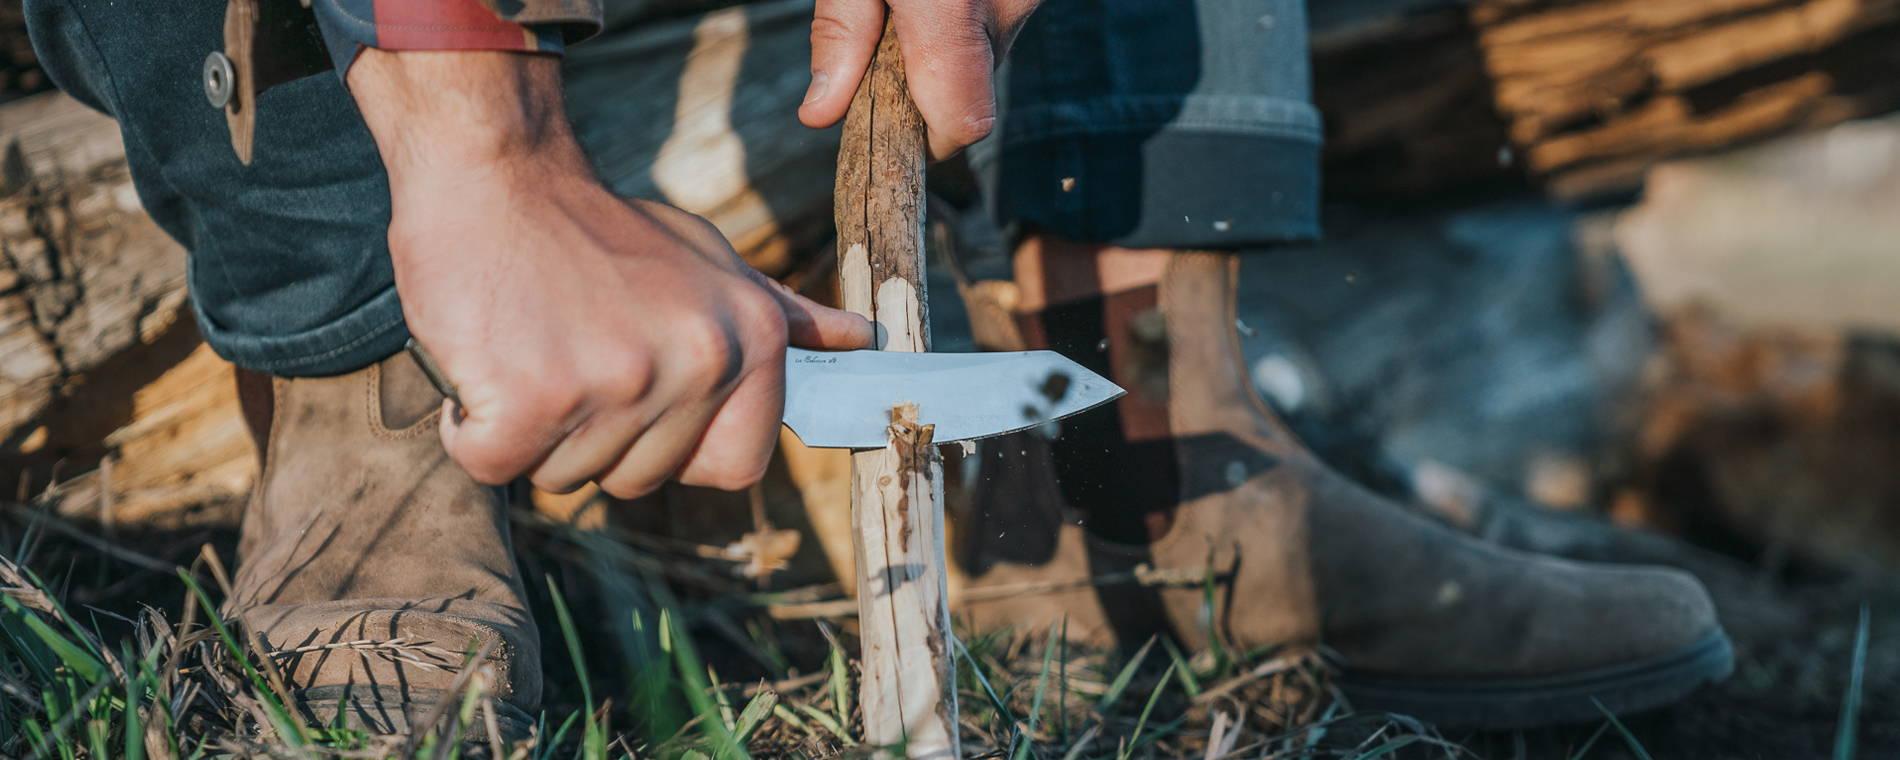 Overland Chef Utility Knife shaving wood